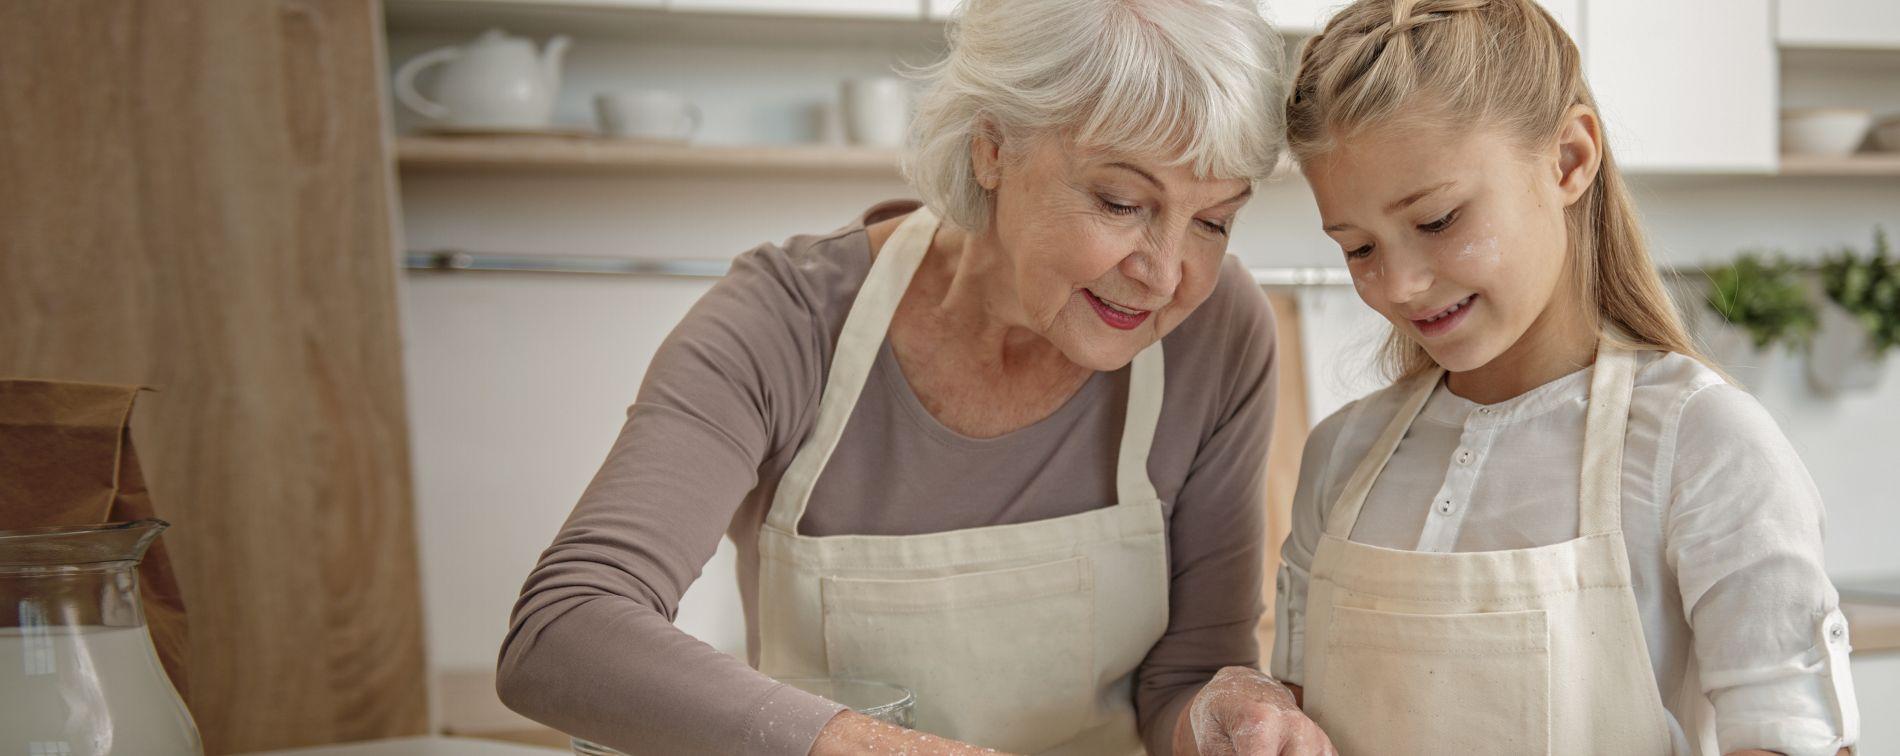 Экспресс кредит без справок пенсионерам